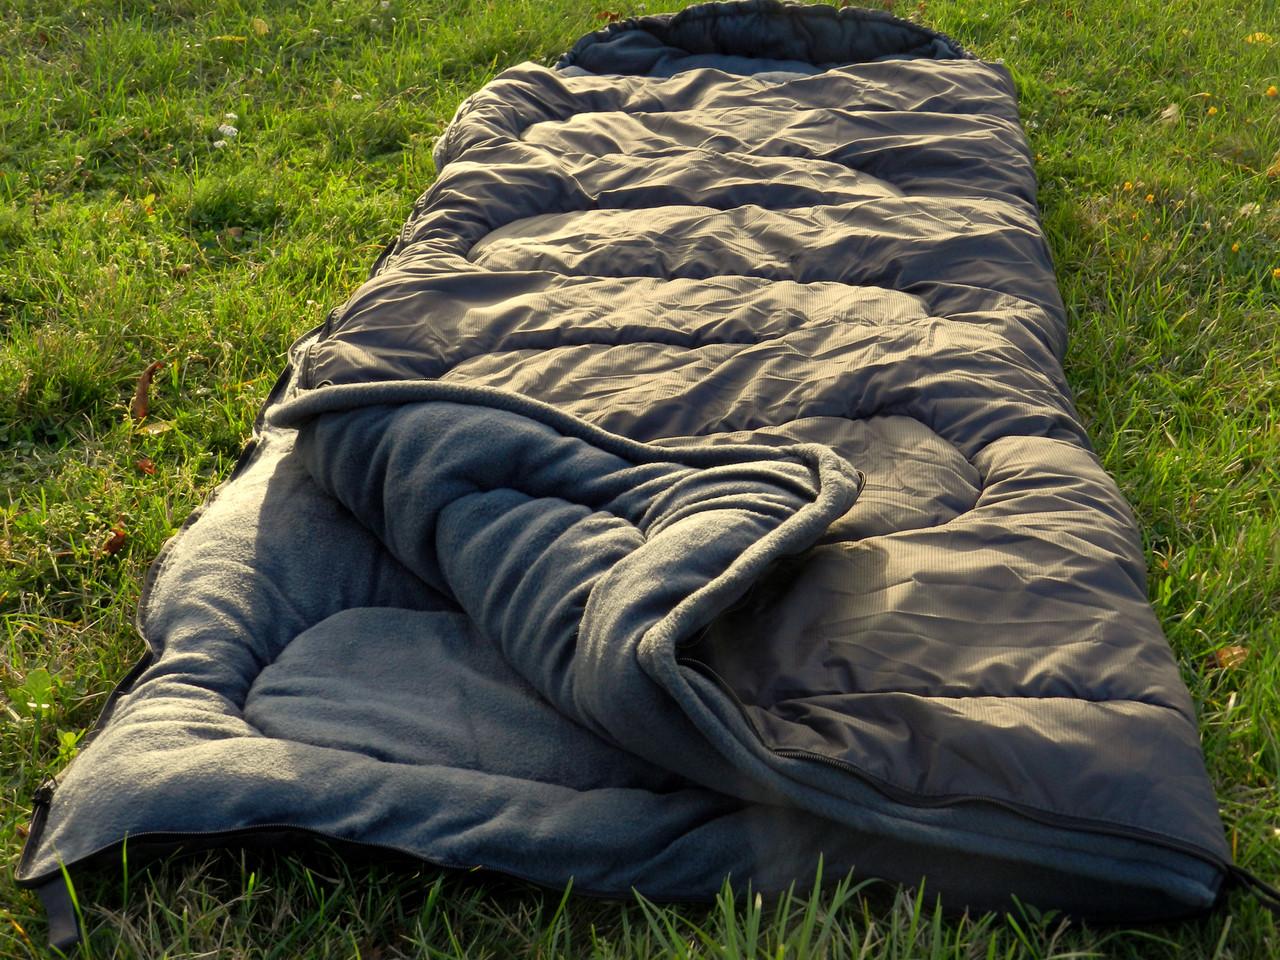 Спальний мішок Synevyr Спальный мешок / Спальник